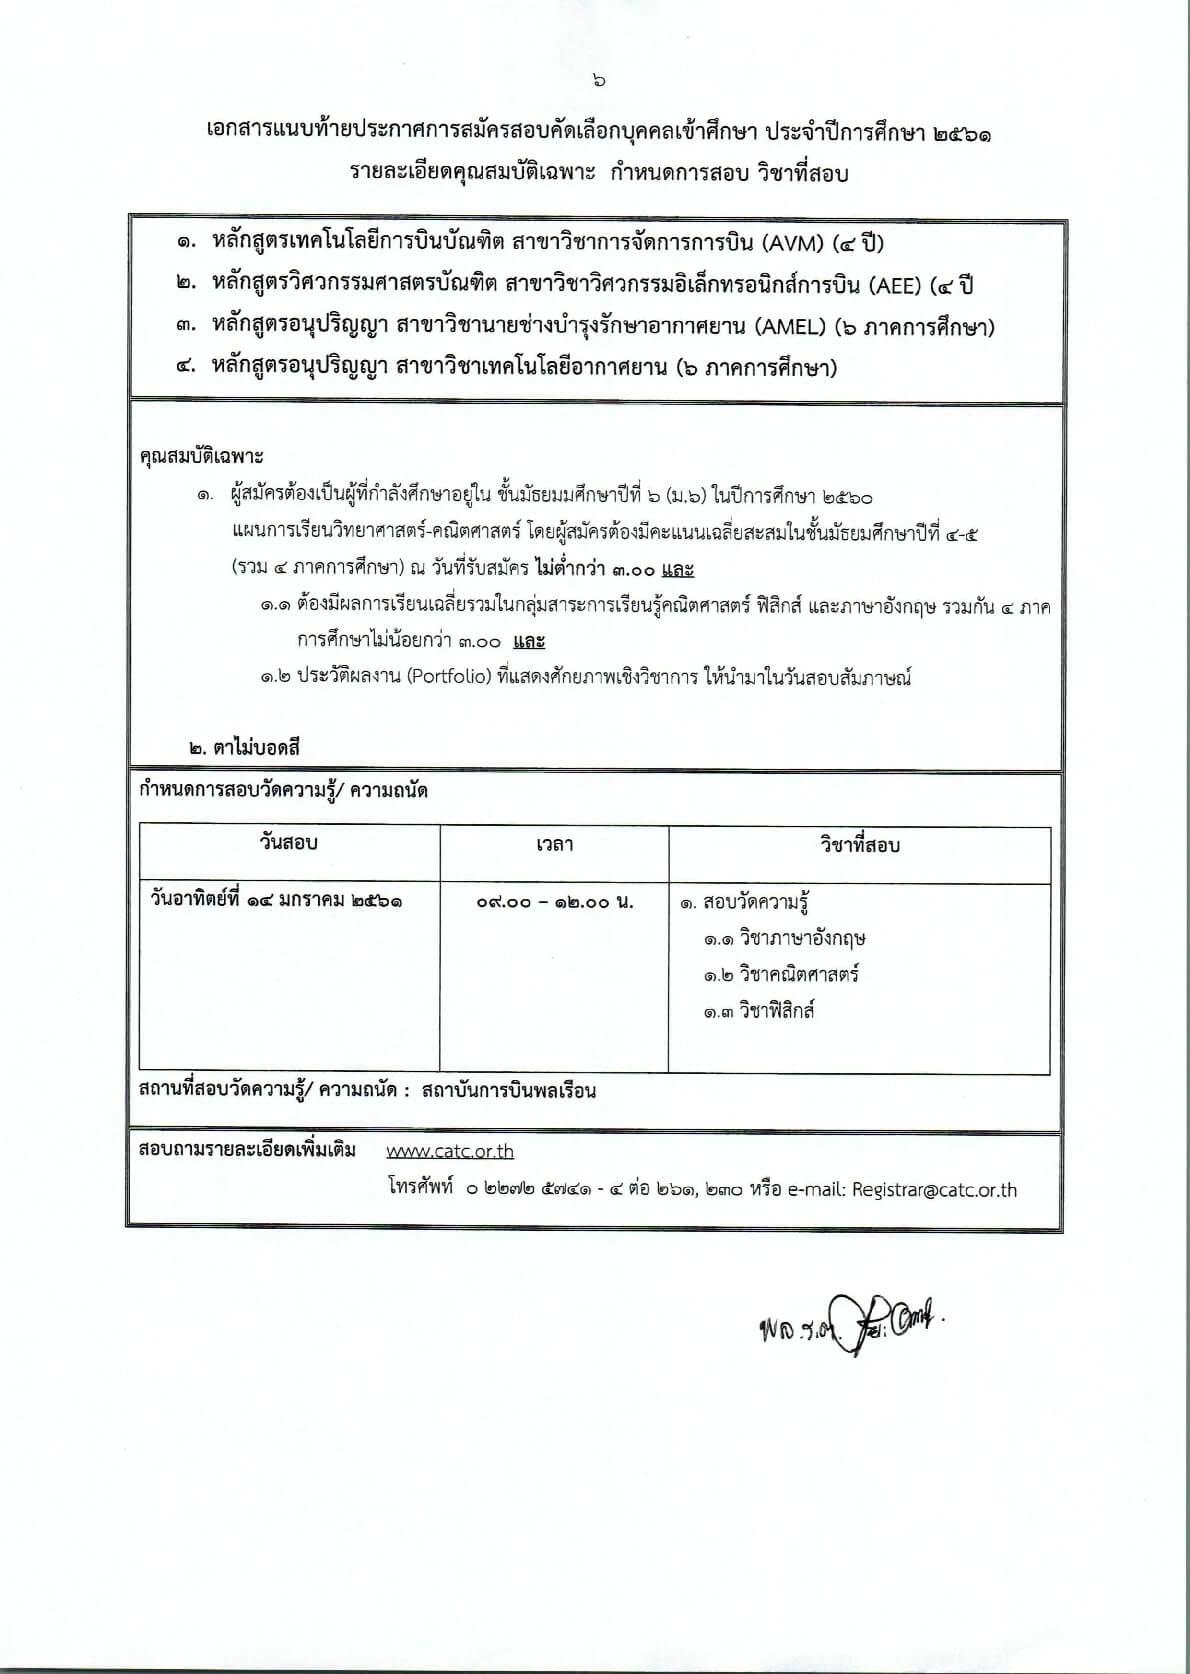 ระเบียบการรับสม้ครสอบสถาบันการบินพลเรือน รอบที่ 1 2561